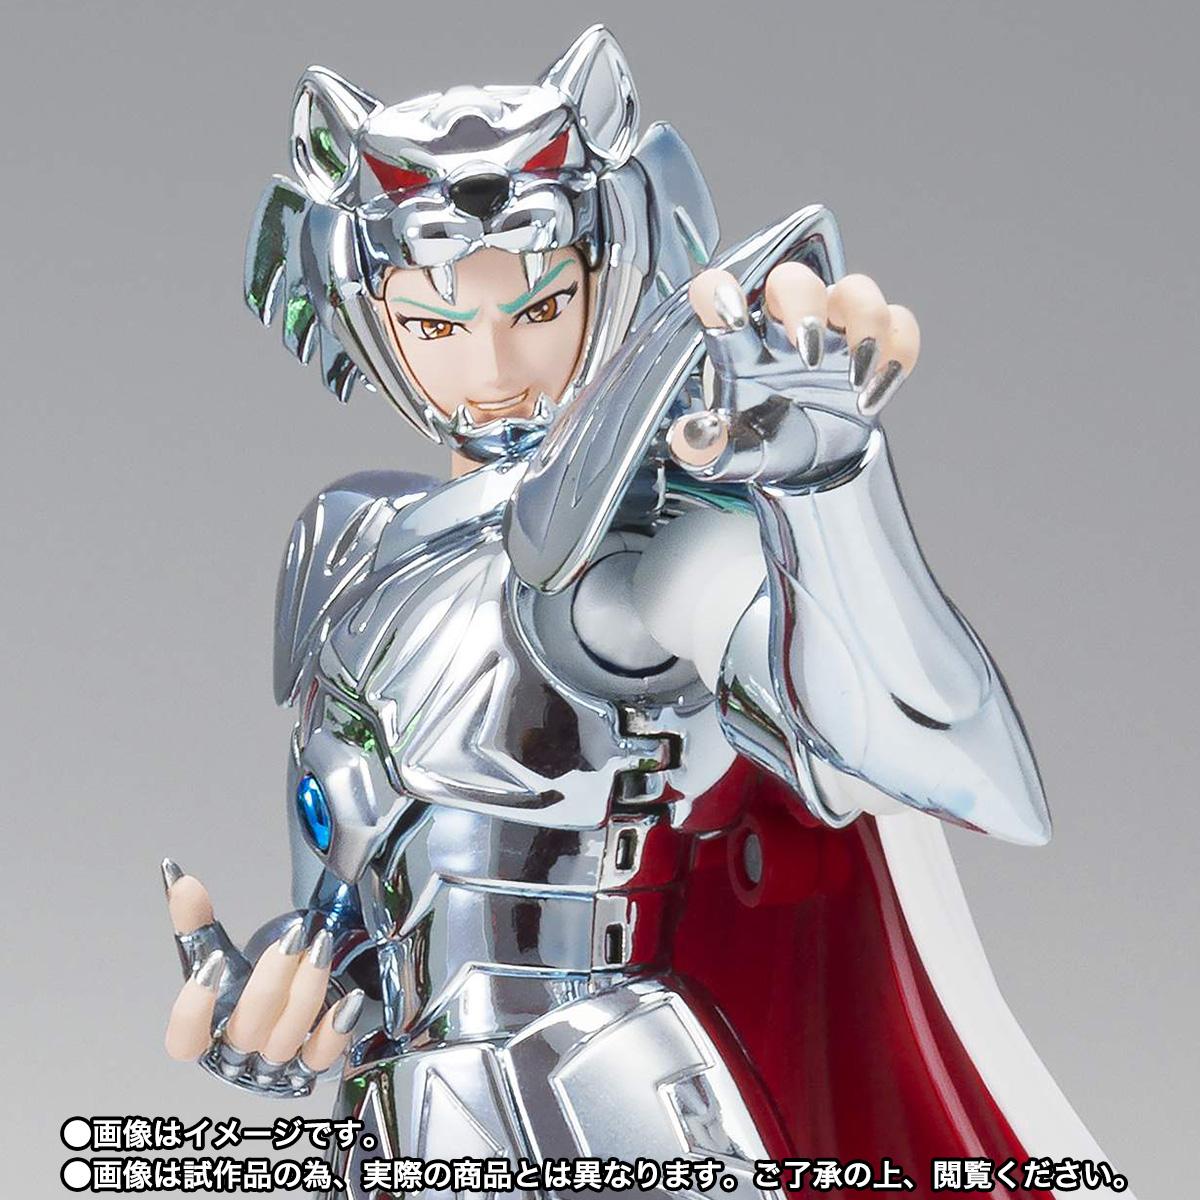 聖闘士聖衣神話EX『ゼータ星アルコルバド』聖闘士星矢 可動フィギュア-001